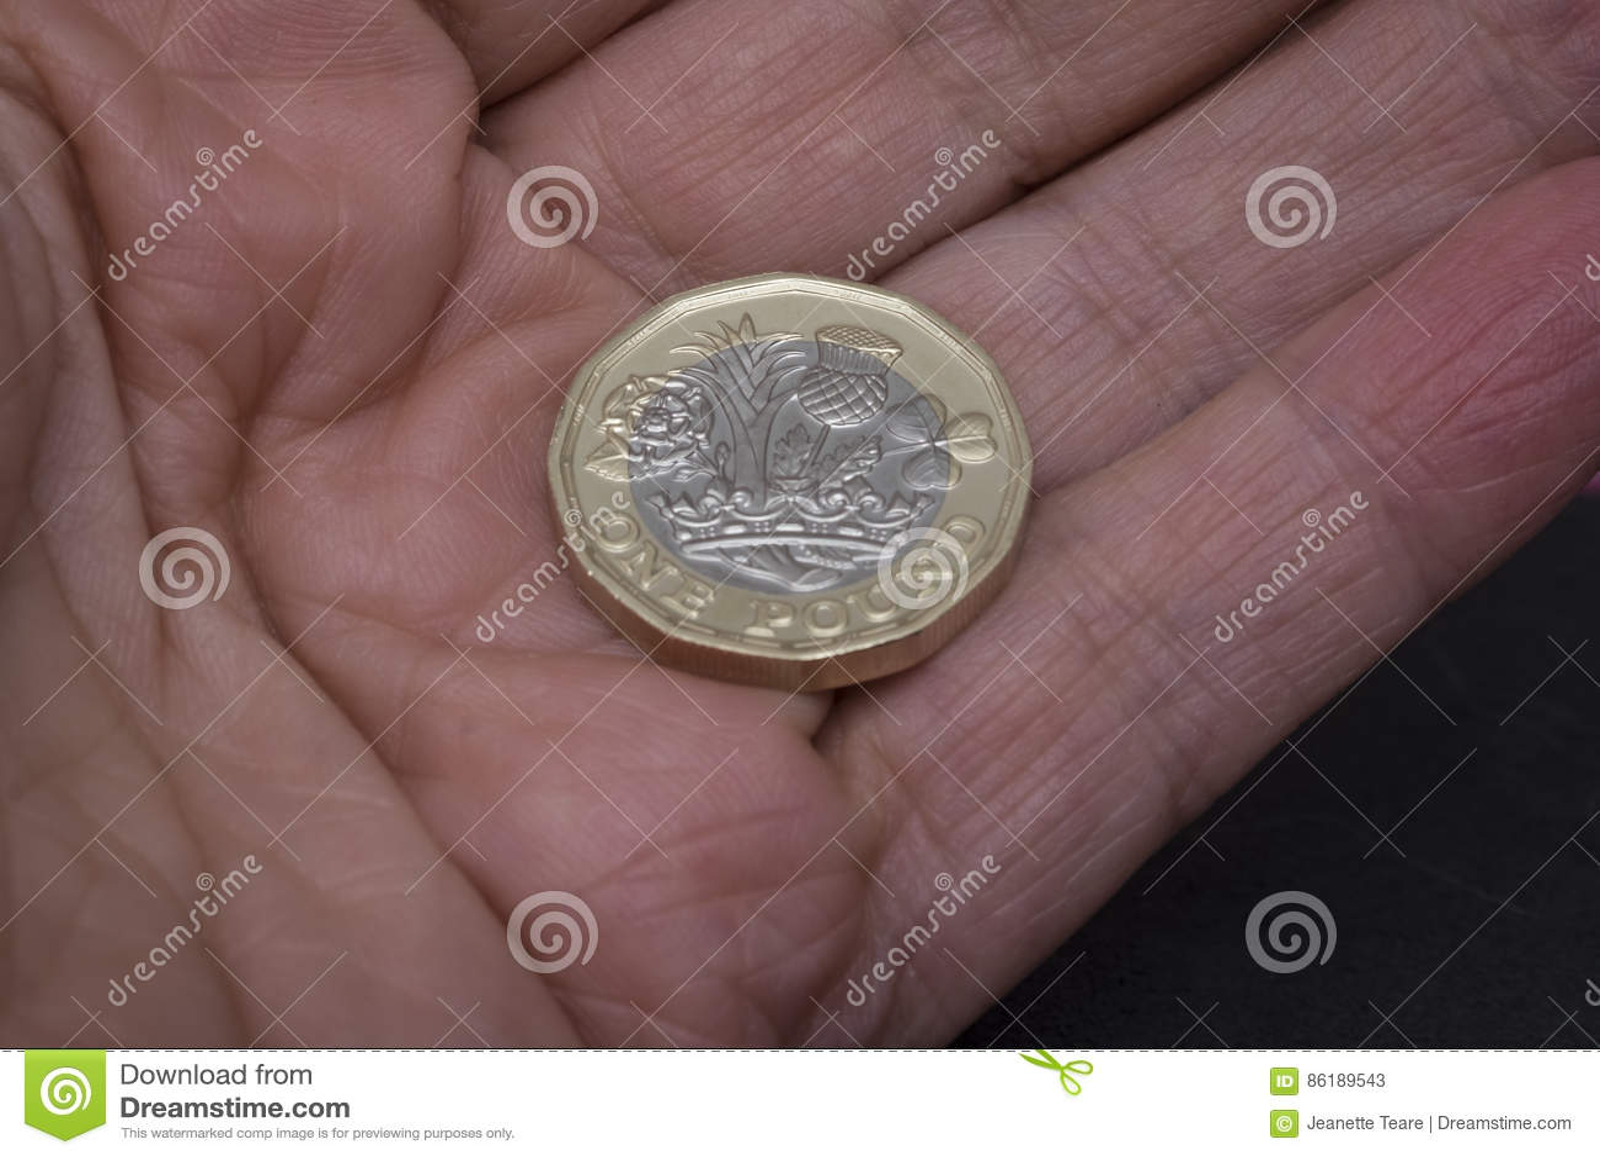 Neue Englische Pfundmünze In Der Hand Redaktionelles Stockfoto